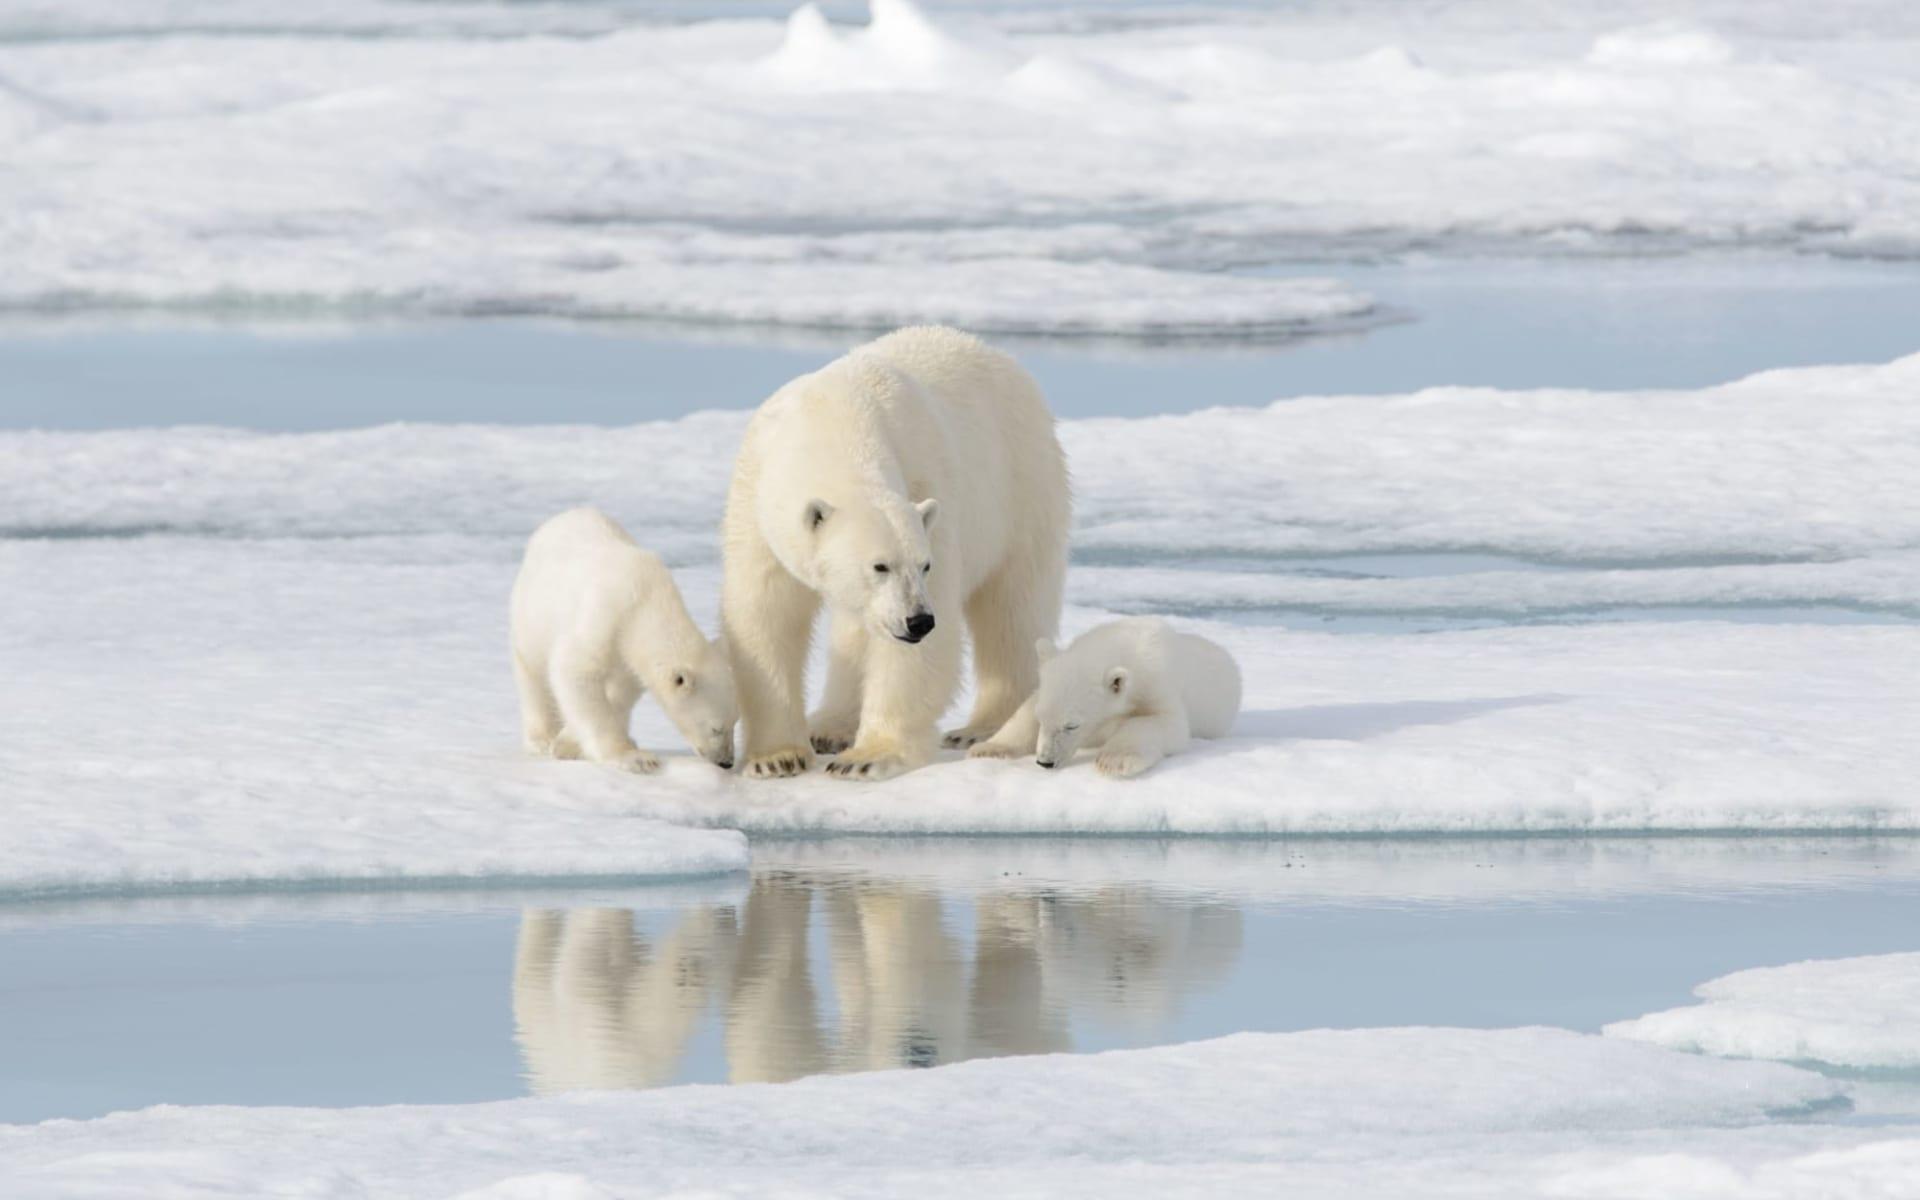 Eisbären-Abenteuer Hudson Bay im Winter ab Winnipeg: